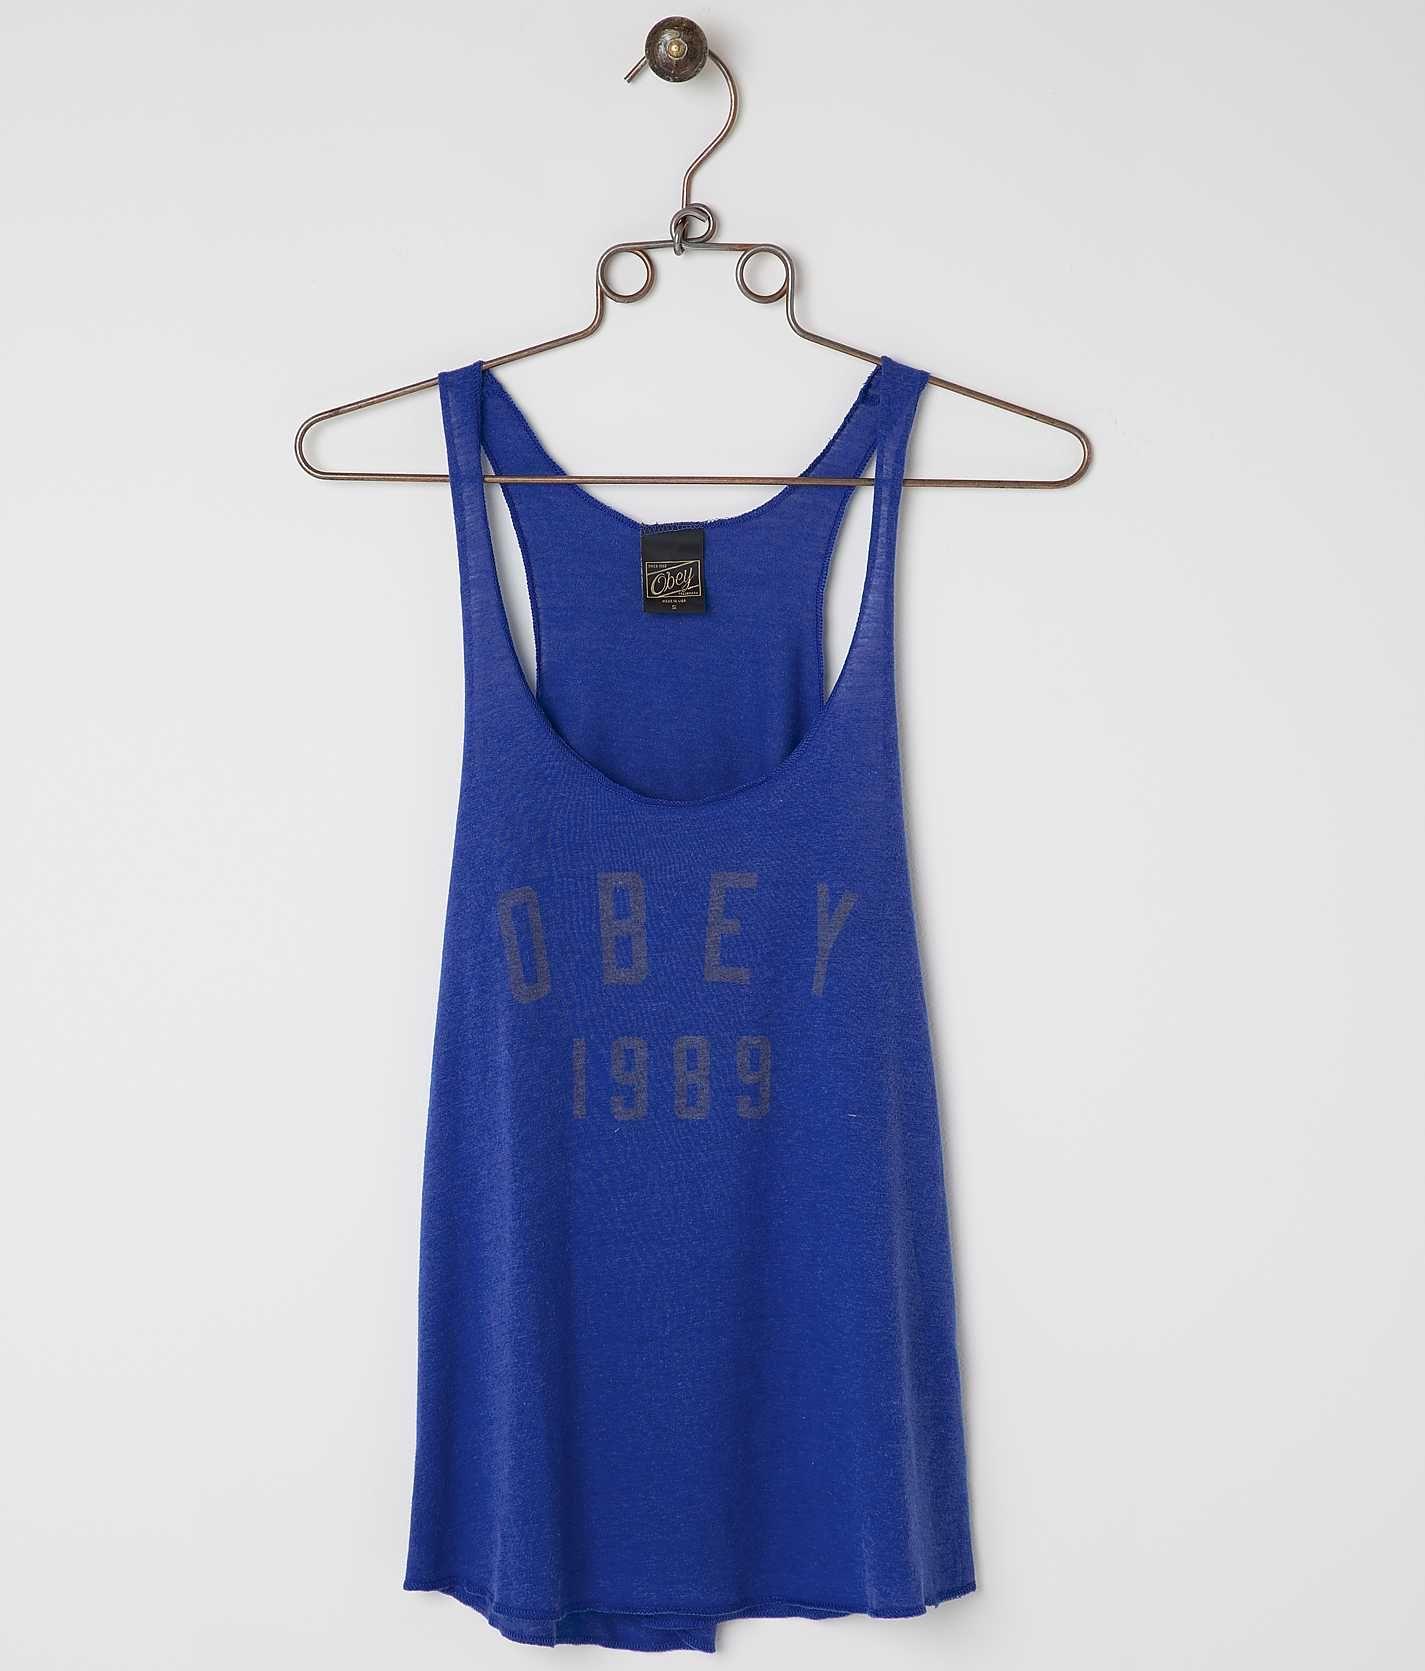 d2ea446d3a144a OBEY Phys Ed Tank Top - Women s Loungewear